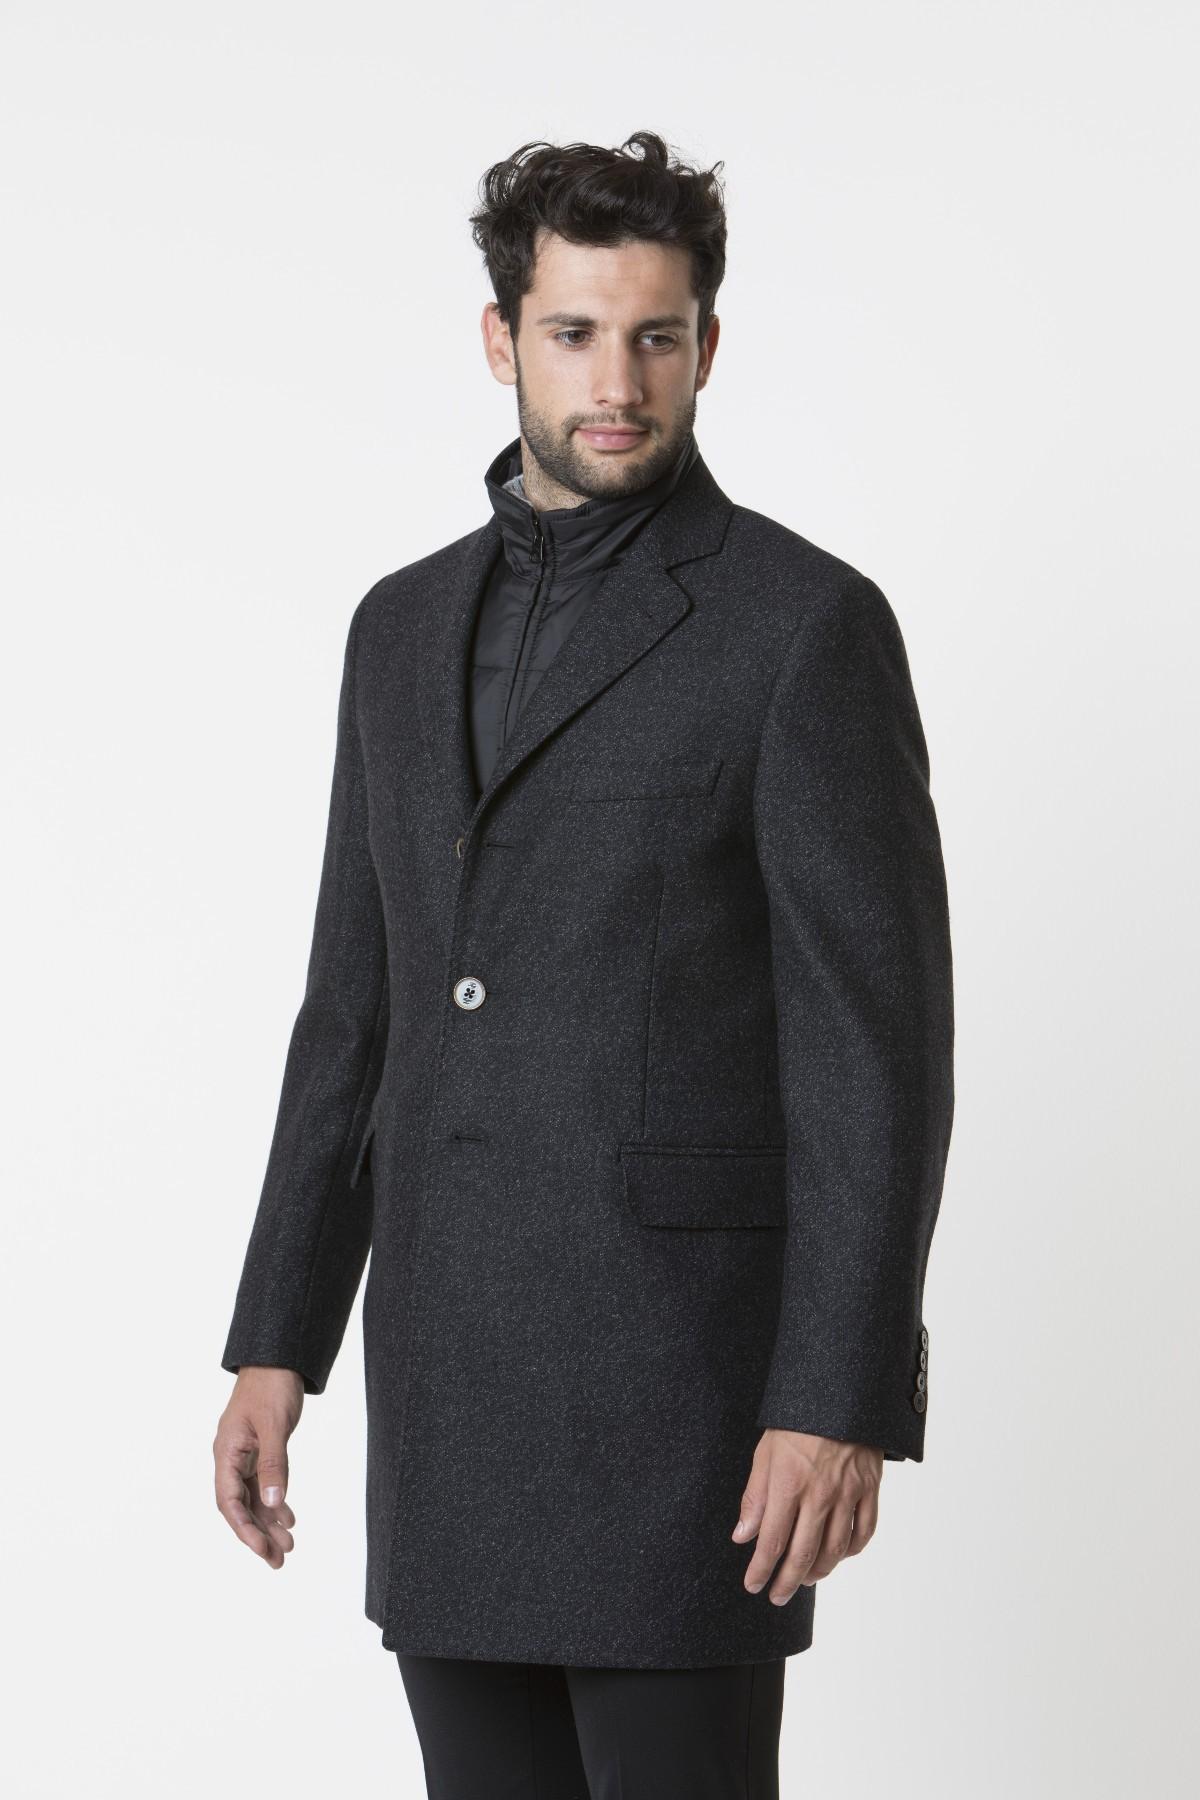 Cappotti di lusso da uomo. Acquista online cappotti per uomo dei migliori brand. Prodotti autentici. Reso gratuito. Pagamenti sicuri. Spedizioni veloci.